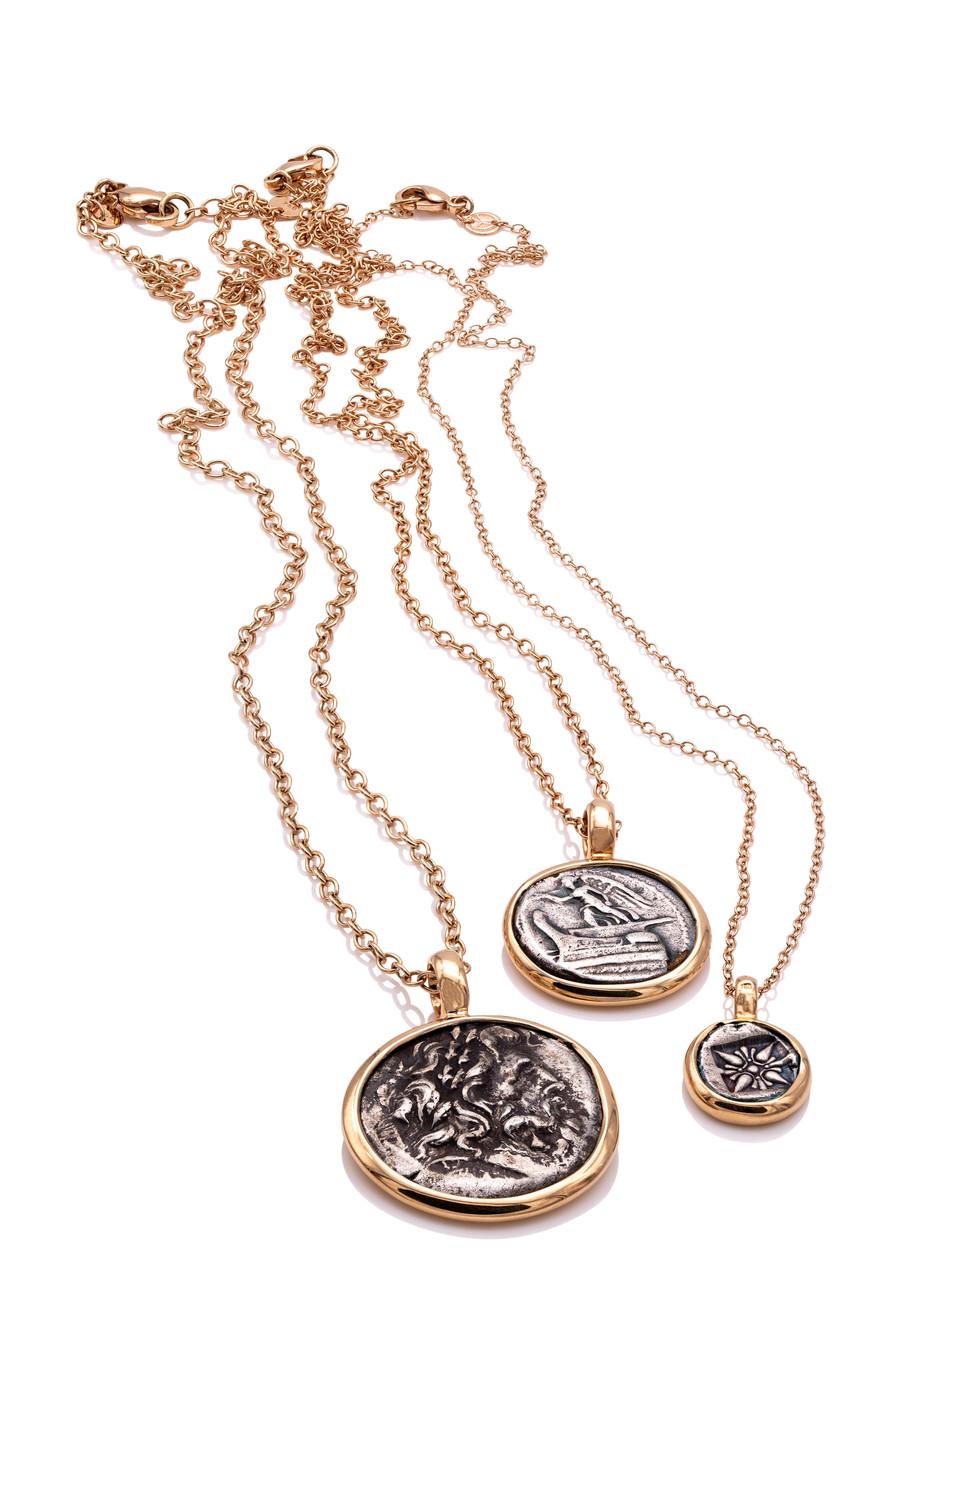 750 ROSÉGOLD ANHÄNGER ZEUS antike griechische münze ca. 300 v. Chr.  Zeus ist das Oberhaupt der olympischen Götter und damit mächtiger als alle anderen griechischen Götter zusammen.  750 ROSÉGOLD ANHÄNGER NIKE antike griechische münze ca. 450 v. Chr.  Nike ist die Siegesgöttin in der griechischen Mythologie. Ihre römische Entsprechung ist Victoria.  750 ROSÉGOLD ANHÄNGER STERN antike griechische münze ca. 345 v. Chr.  Sterne haben für die Griecheneine wichtige Bedeutung gehabt. Viele bis heute bekannte Sternenbilder beruhen auf antiker griechischer Astrologie und den Mythen.